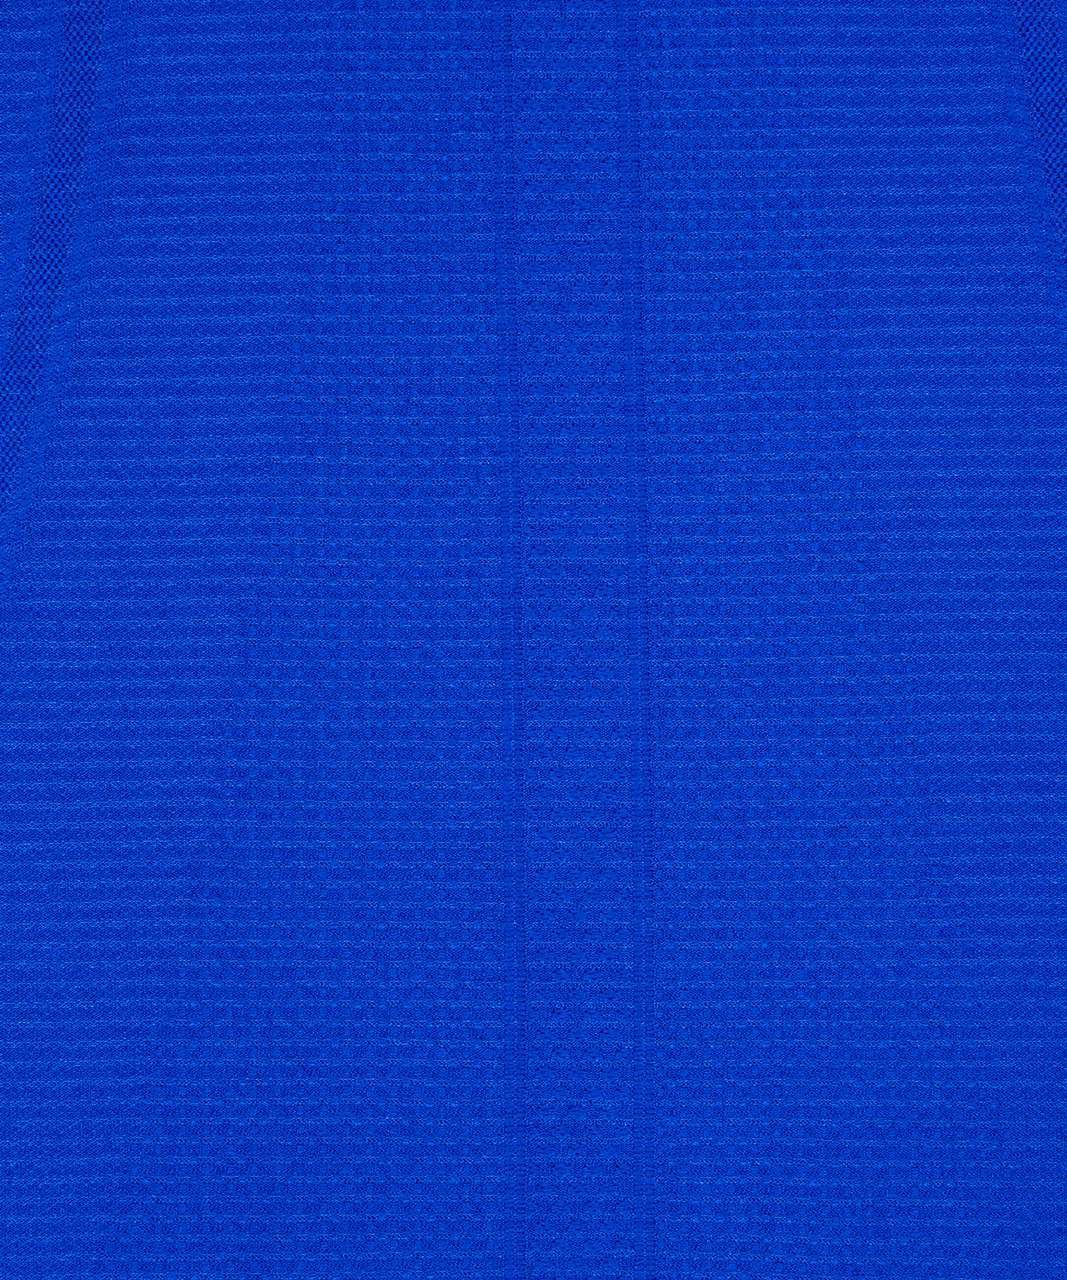 Lululemon Swiftly Tech Long Sleeve Crew - Cerulean Blue / Cerulean Blue